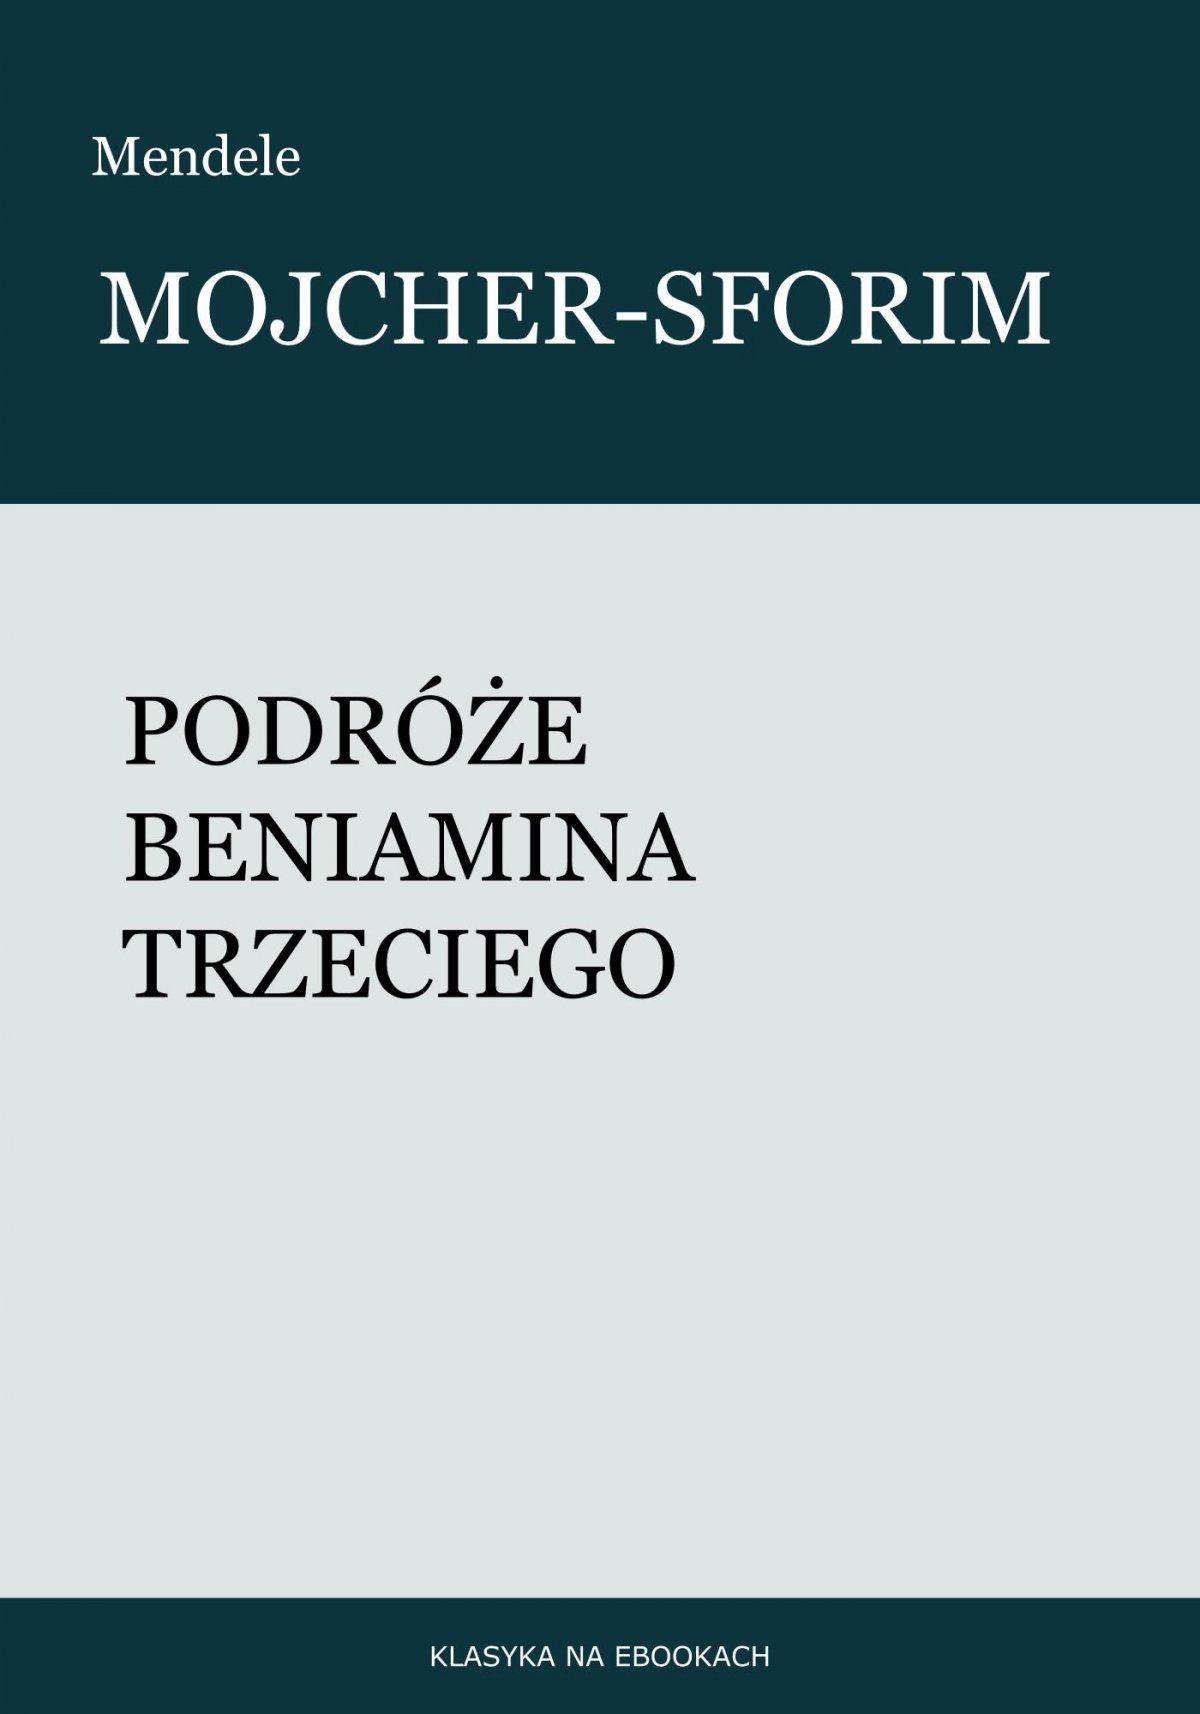 Podróże Beniamina Trzeciego - Ebook (Książka na Kindle) do pobrania w formacie MOBI